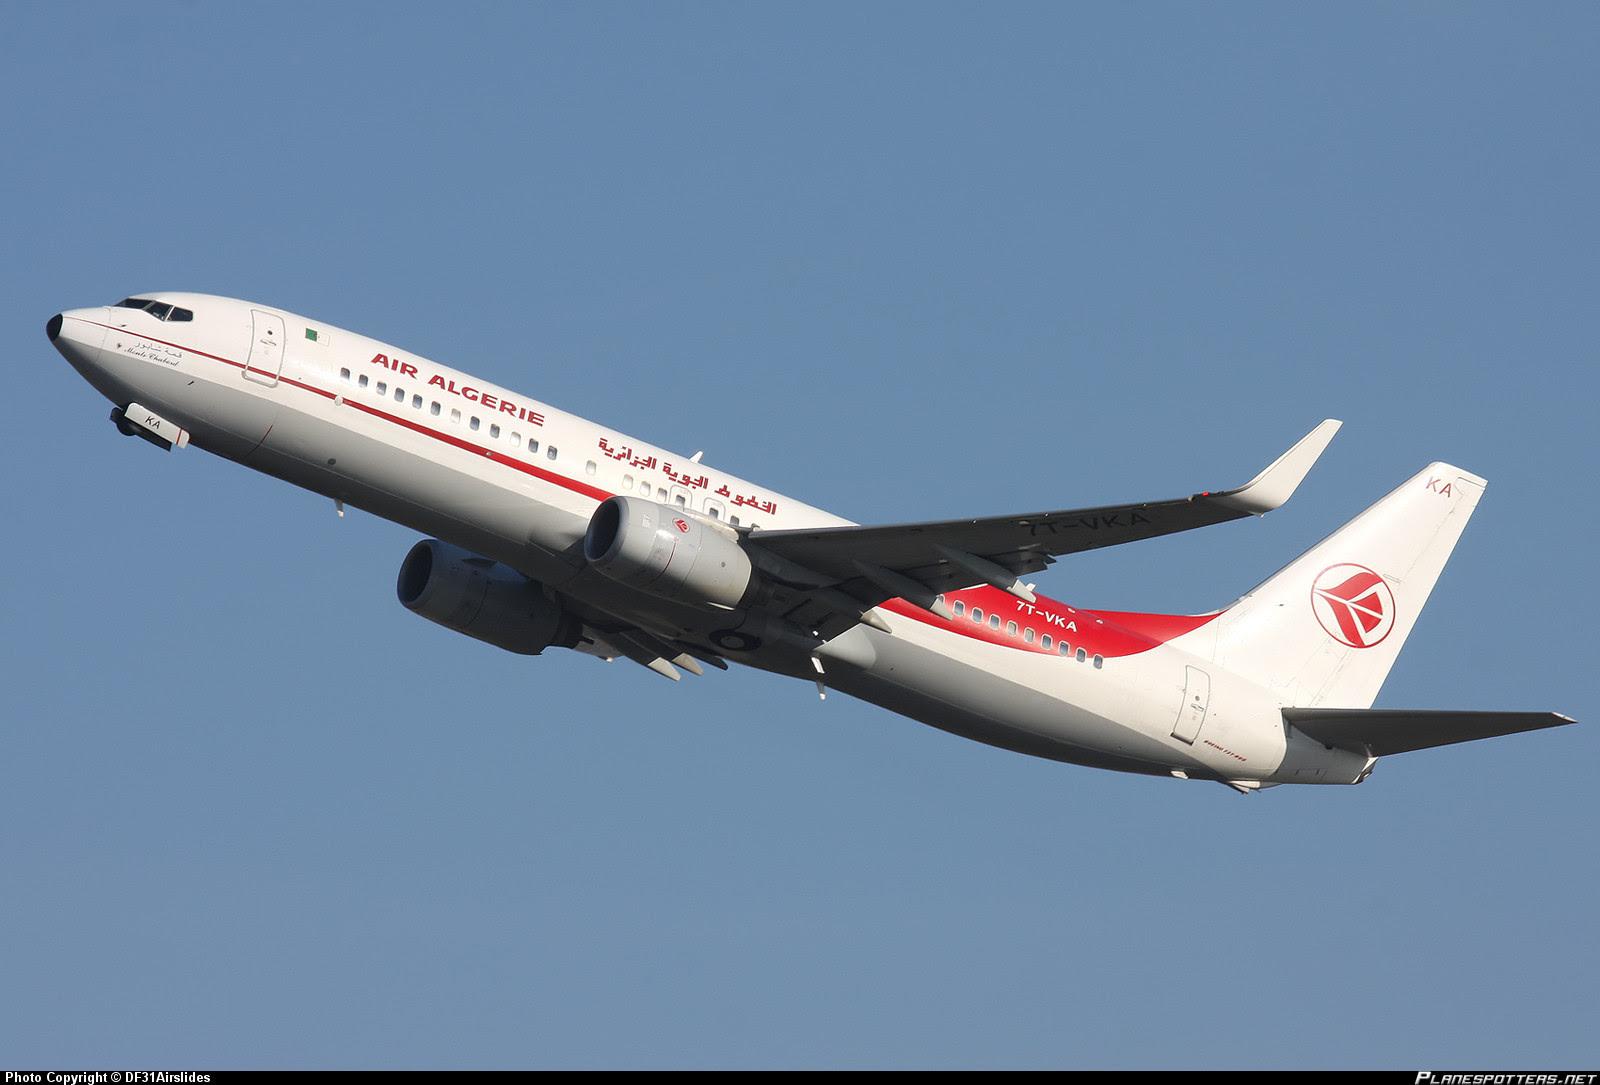 Air Algérie (AH) Boeing 737-800  (7T-VKA)